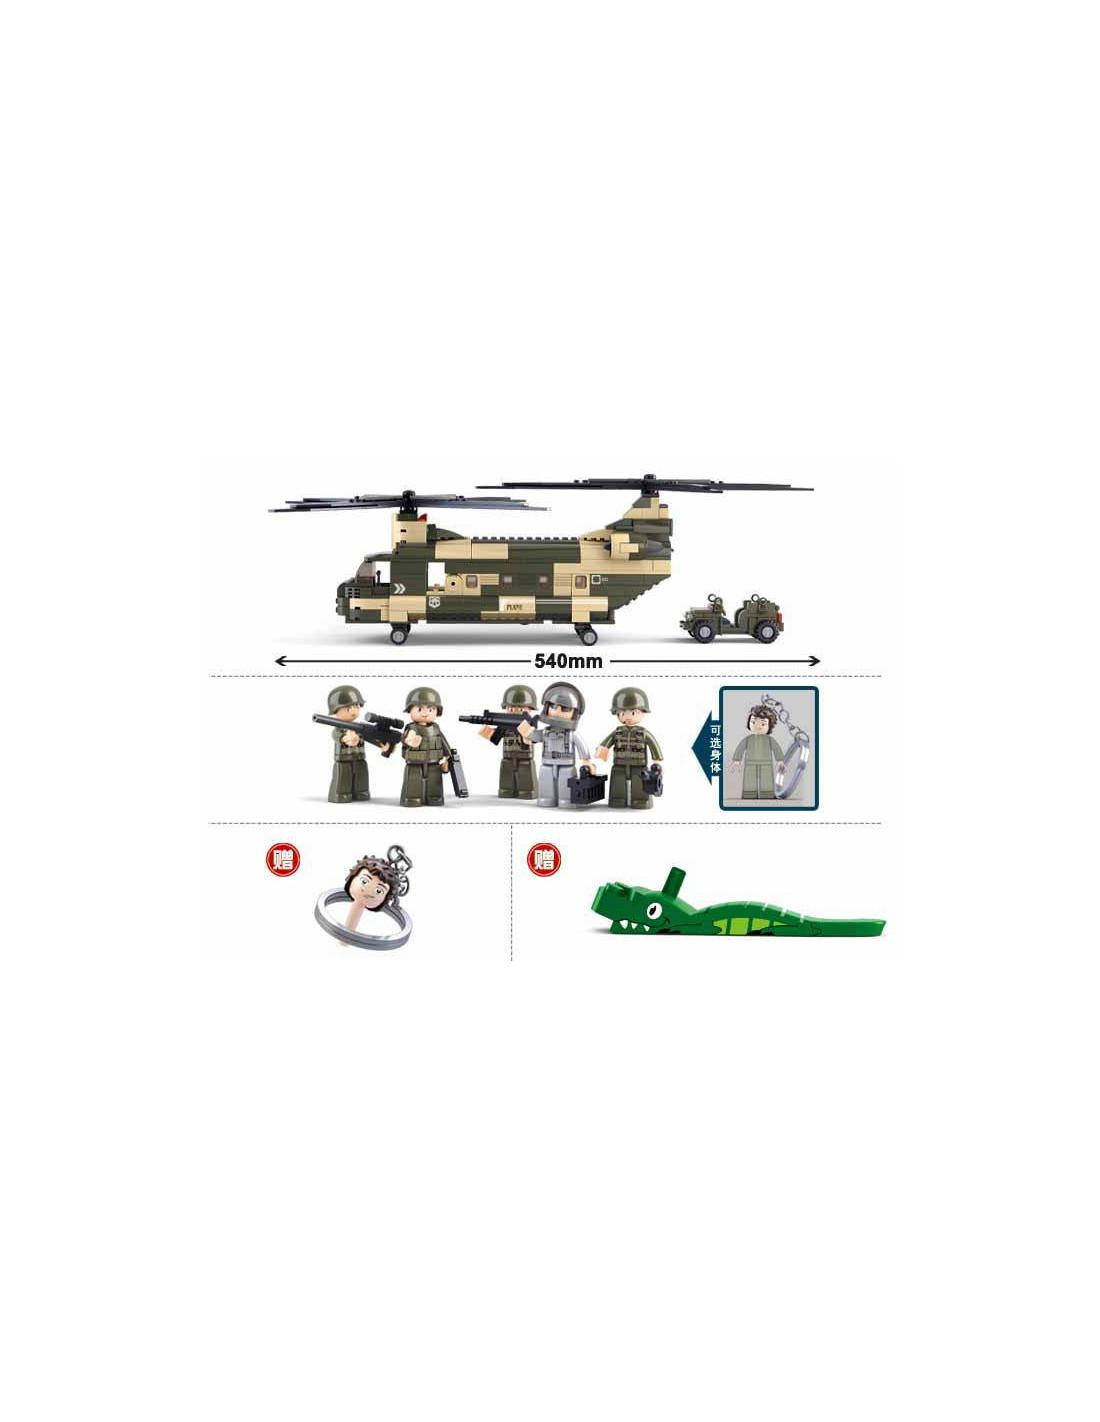 Lego Box Mod